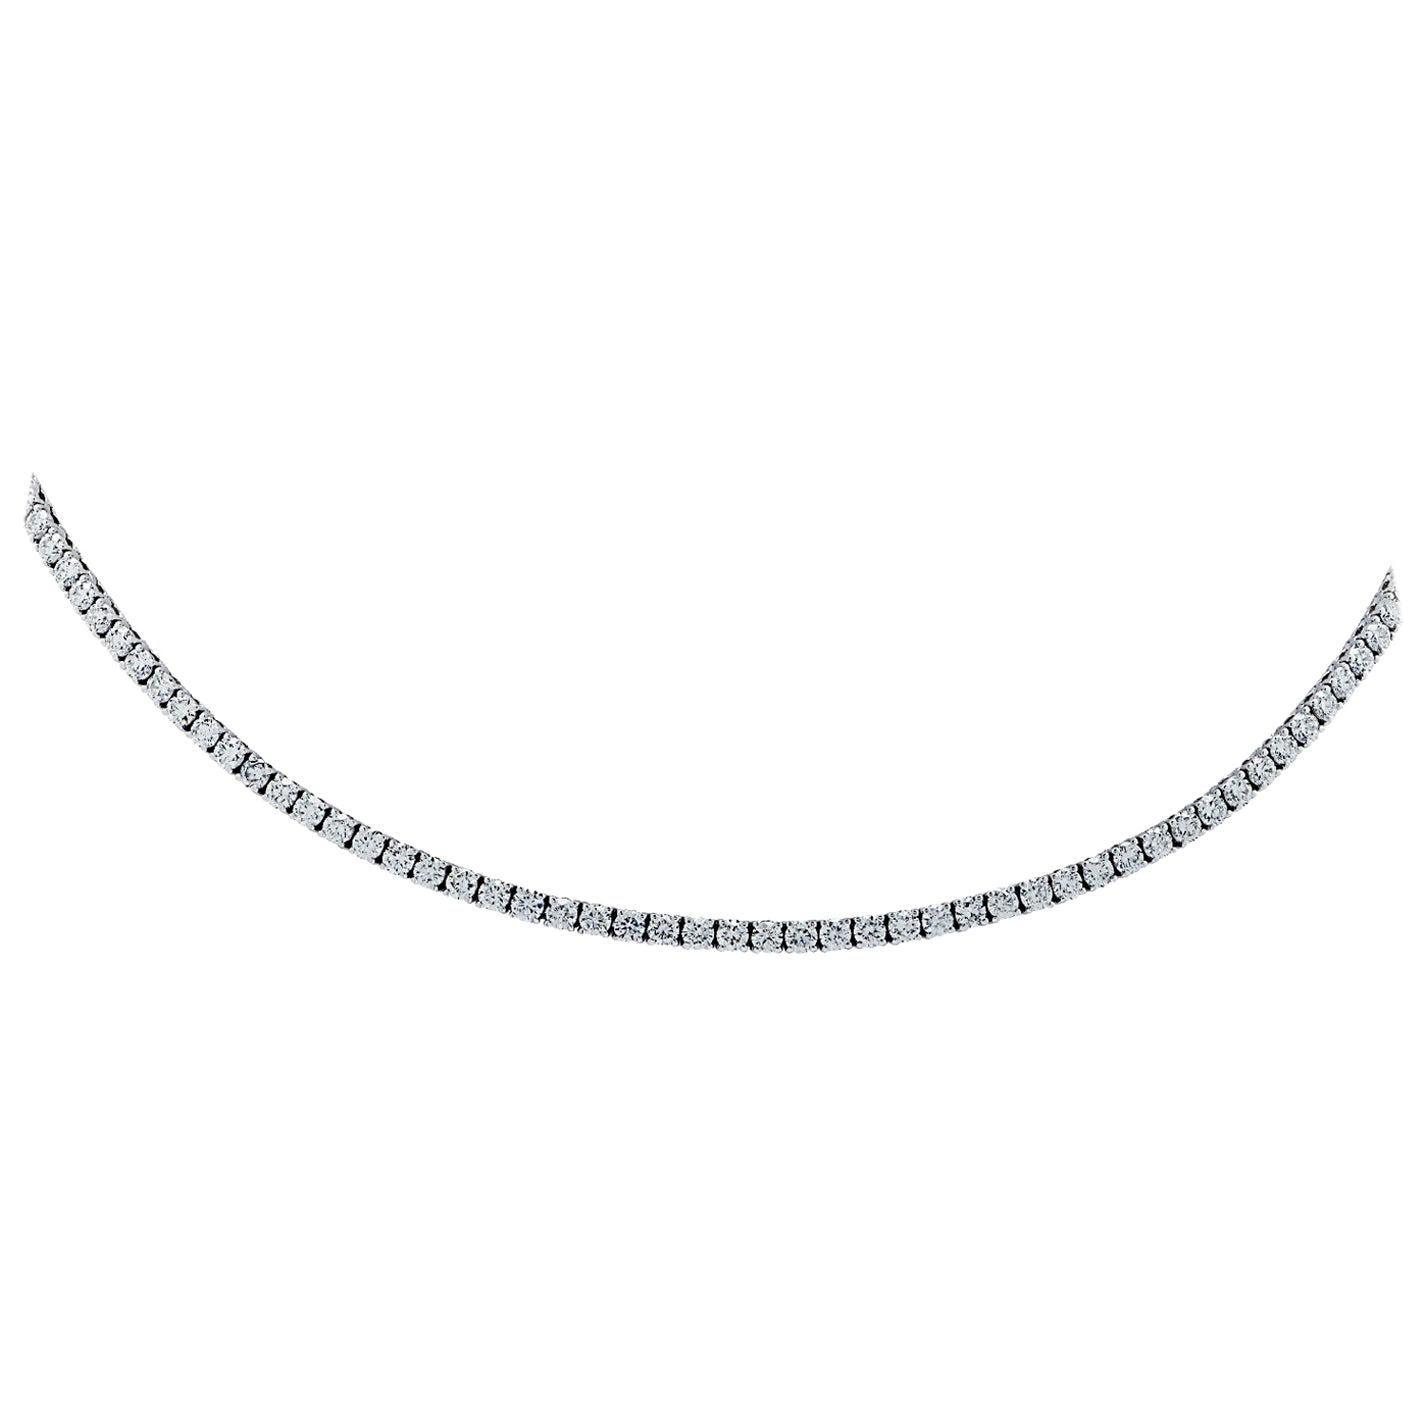 Vivid Diamonds 12.52 Carat Straight Line Diamond Tennis Necklace